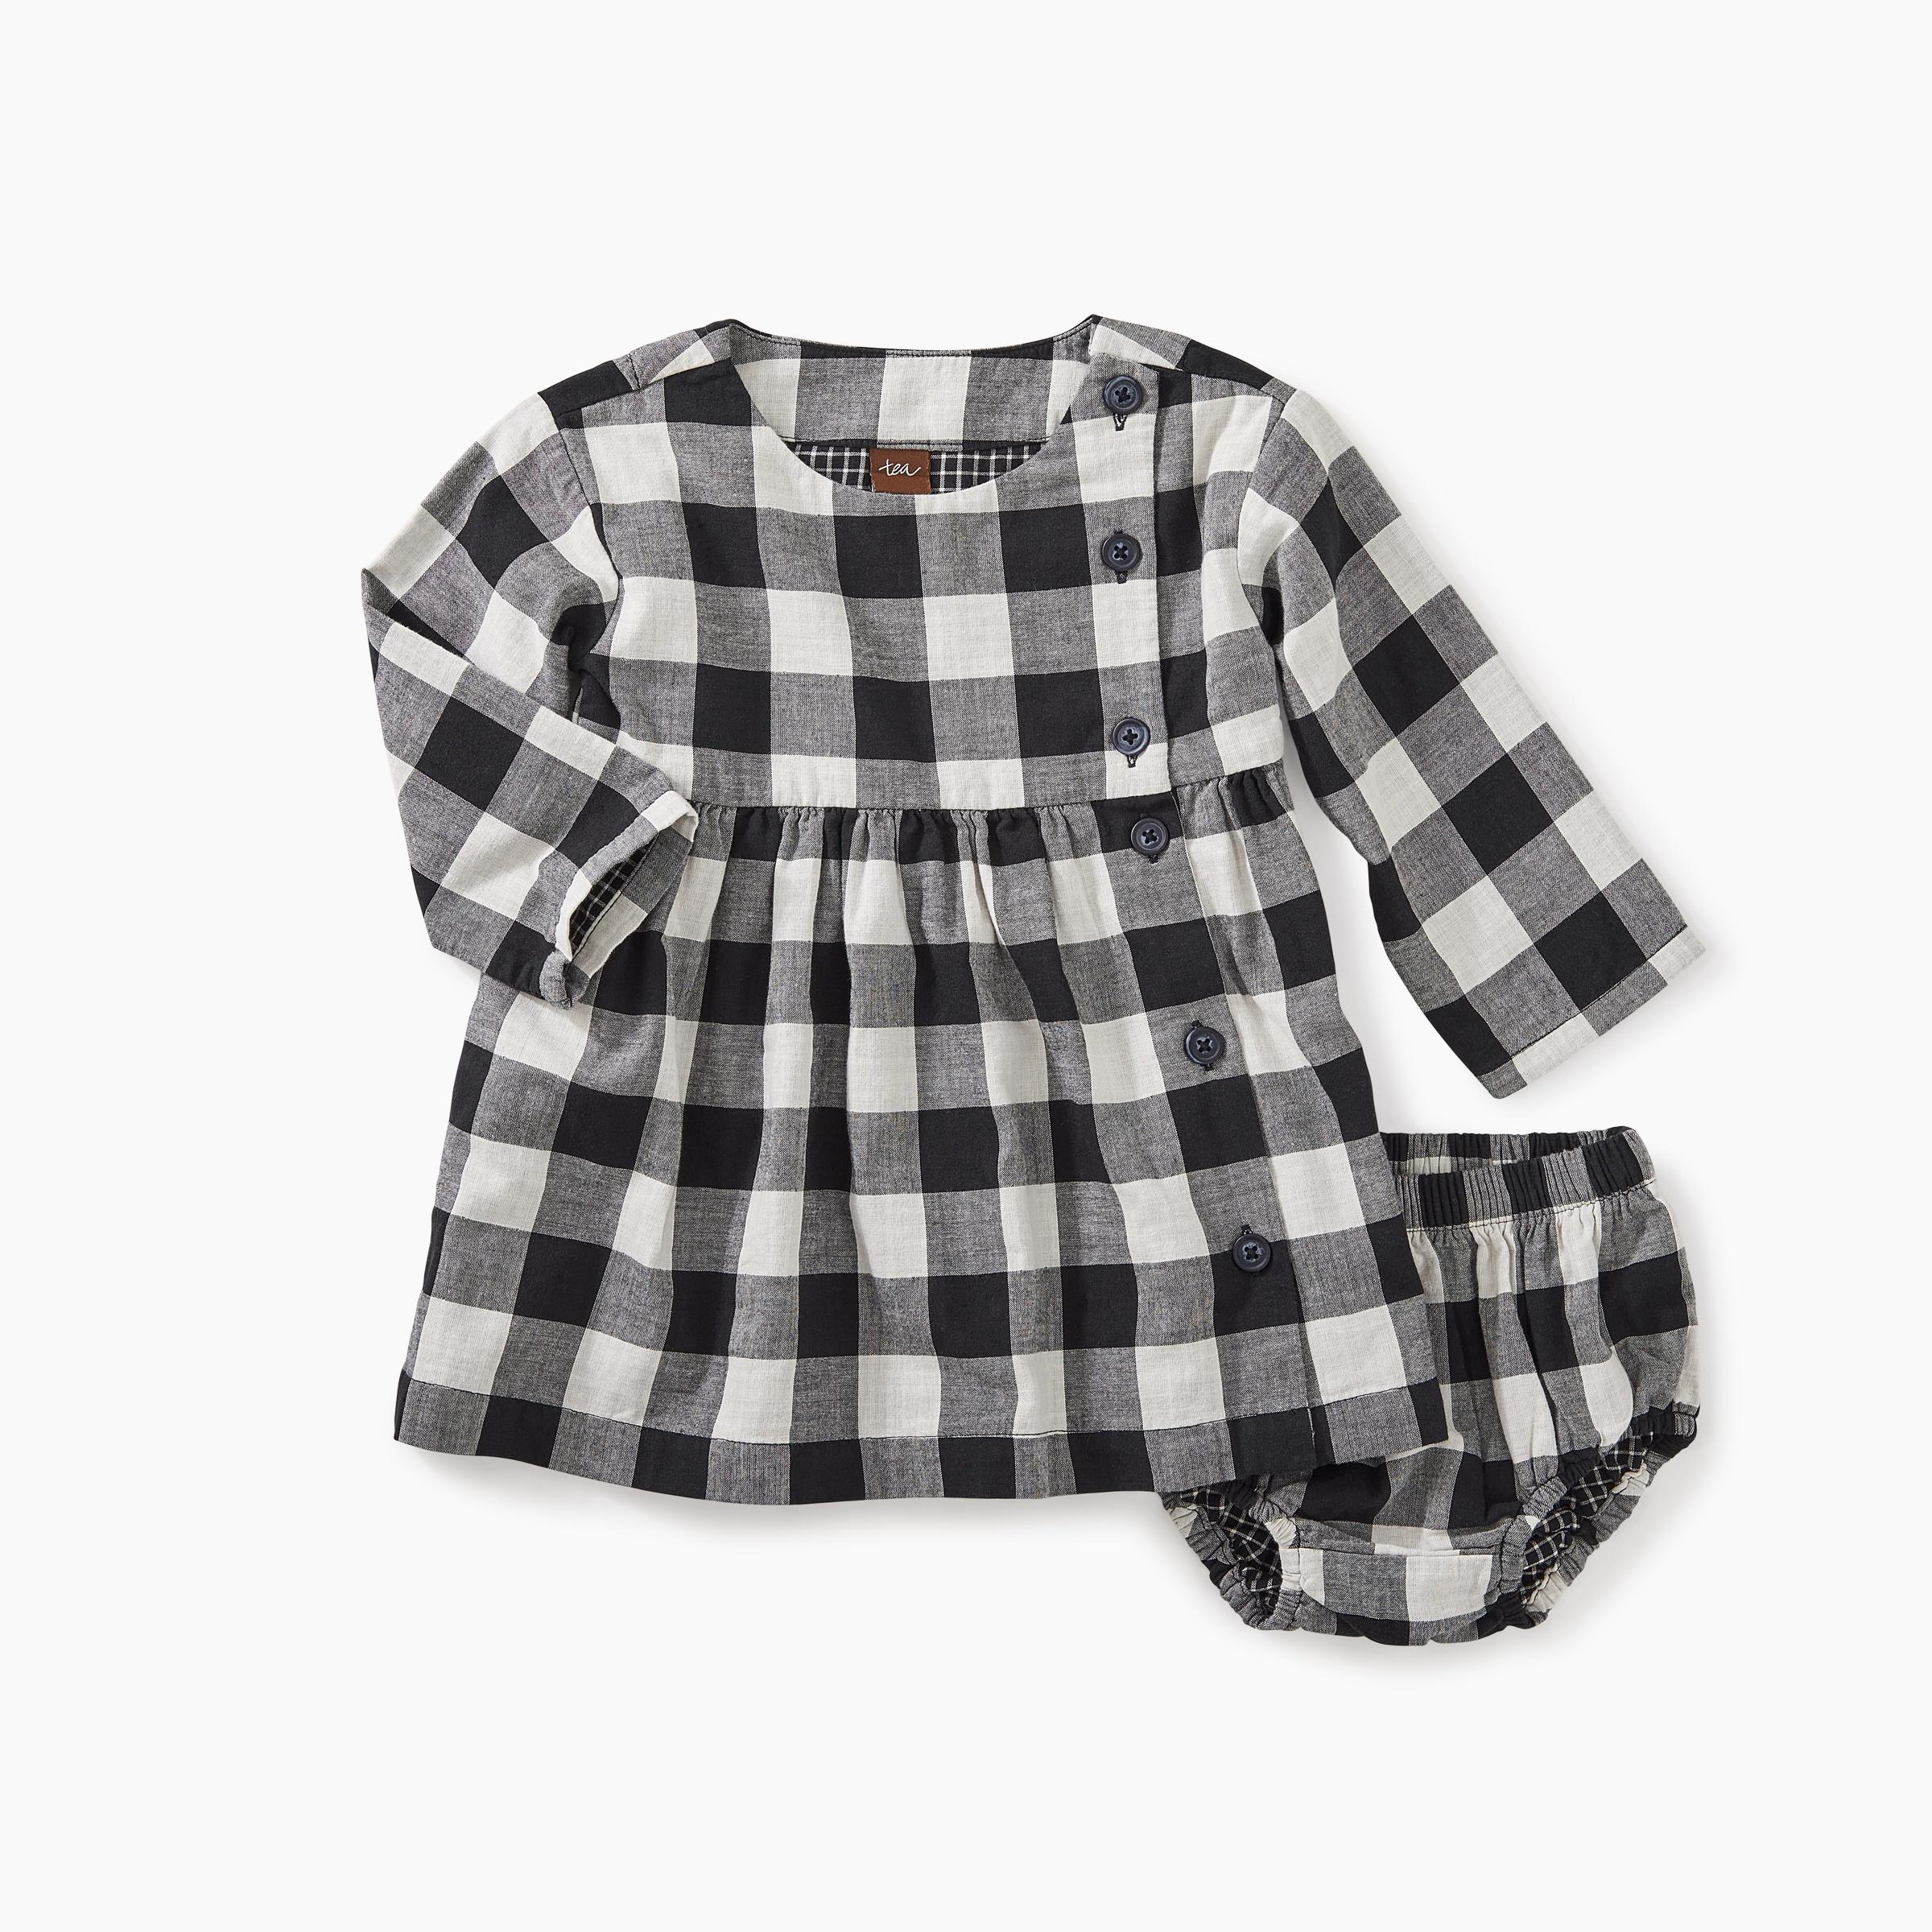 52b2c472c Checkered Plaid Baby Dress